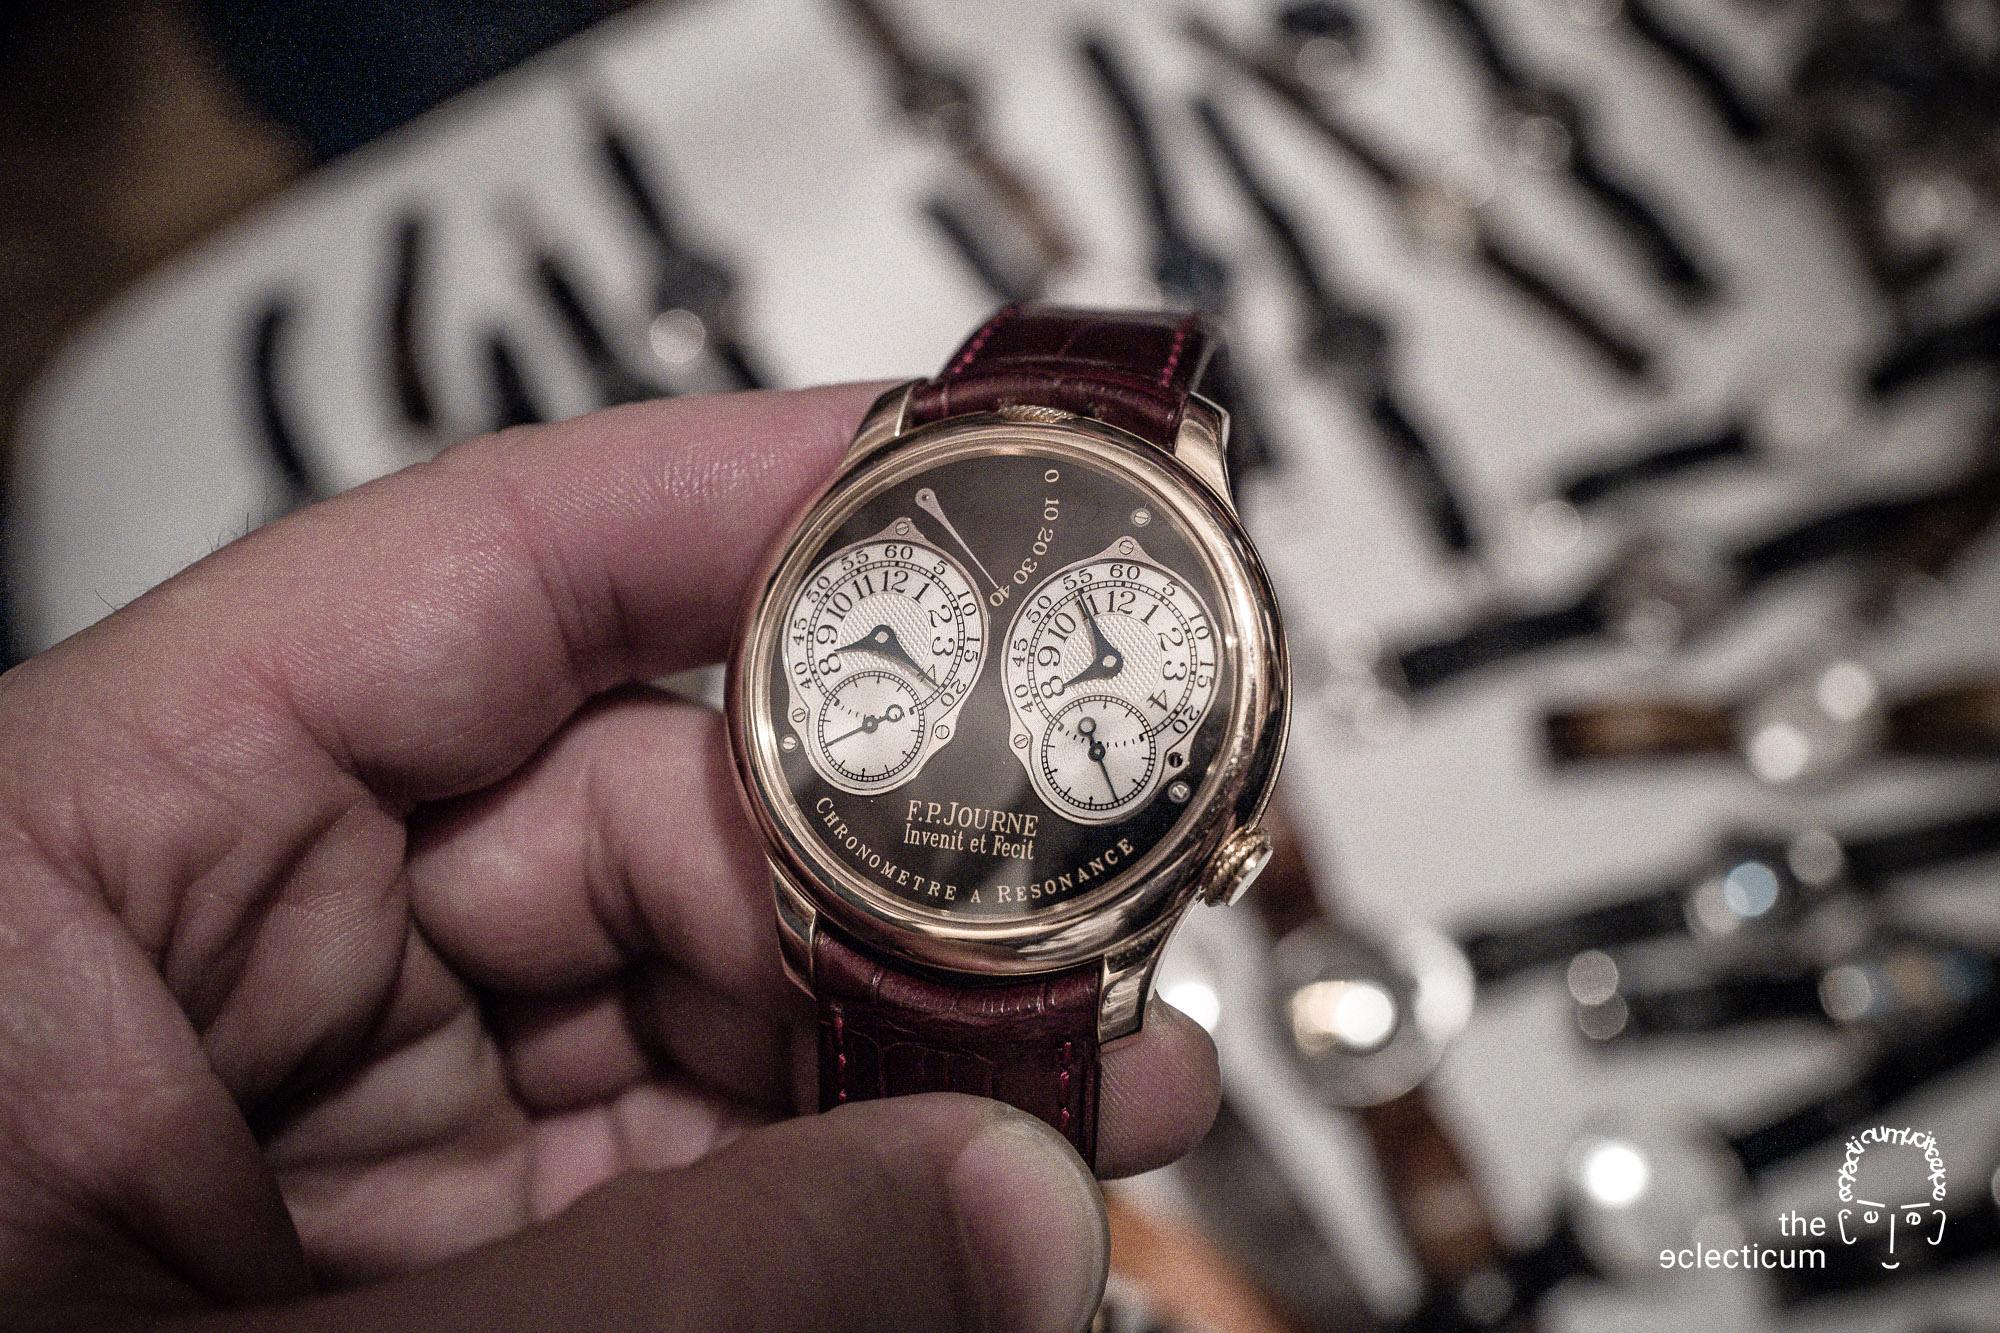 Francois-Paul Journe Chronomètre à Résonance Series 2 rose gold ruthenium dial limited edition